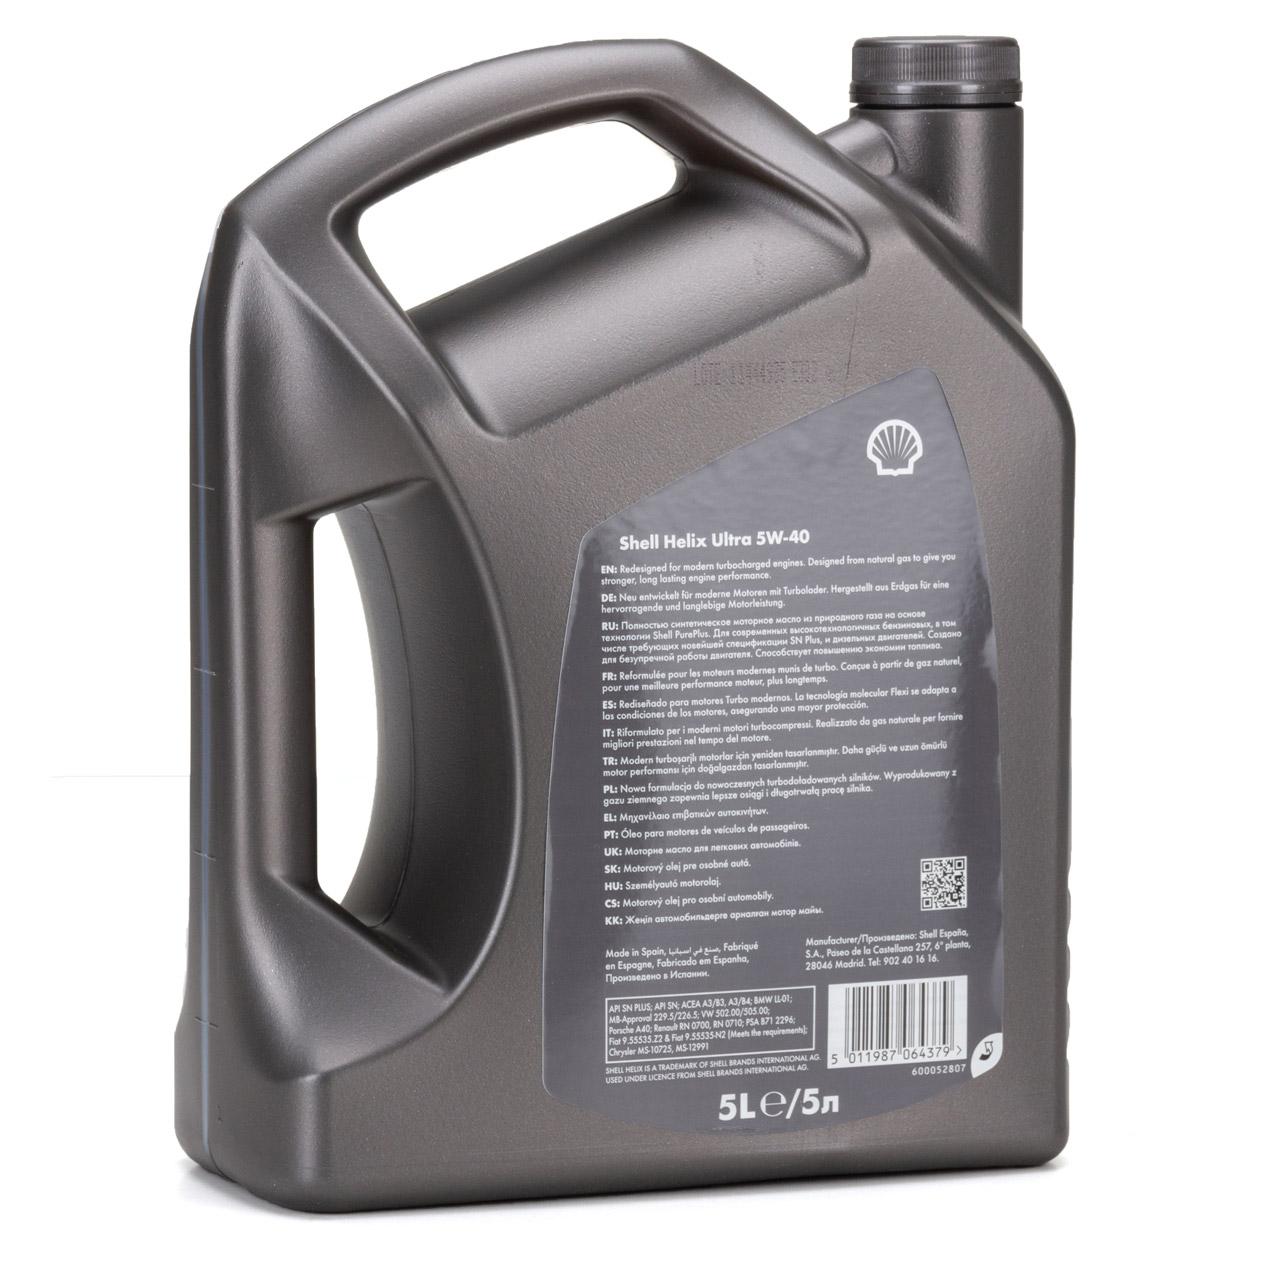 SHELL Motoröl Öl HELIX ULTRA 5W-40 5W40 MB 226/229.5 VW 502/505.00 - 5L 5 Liter